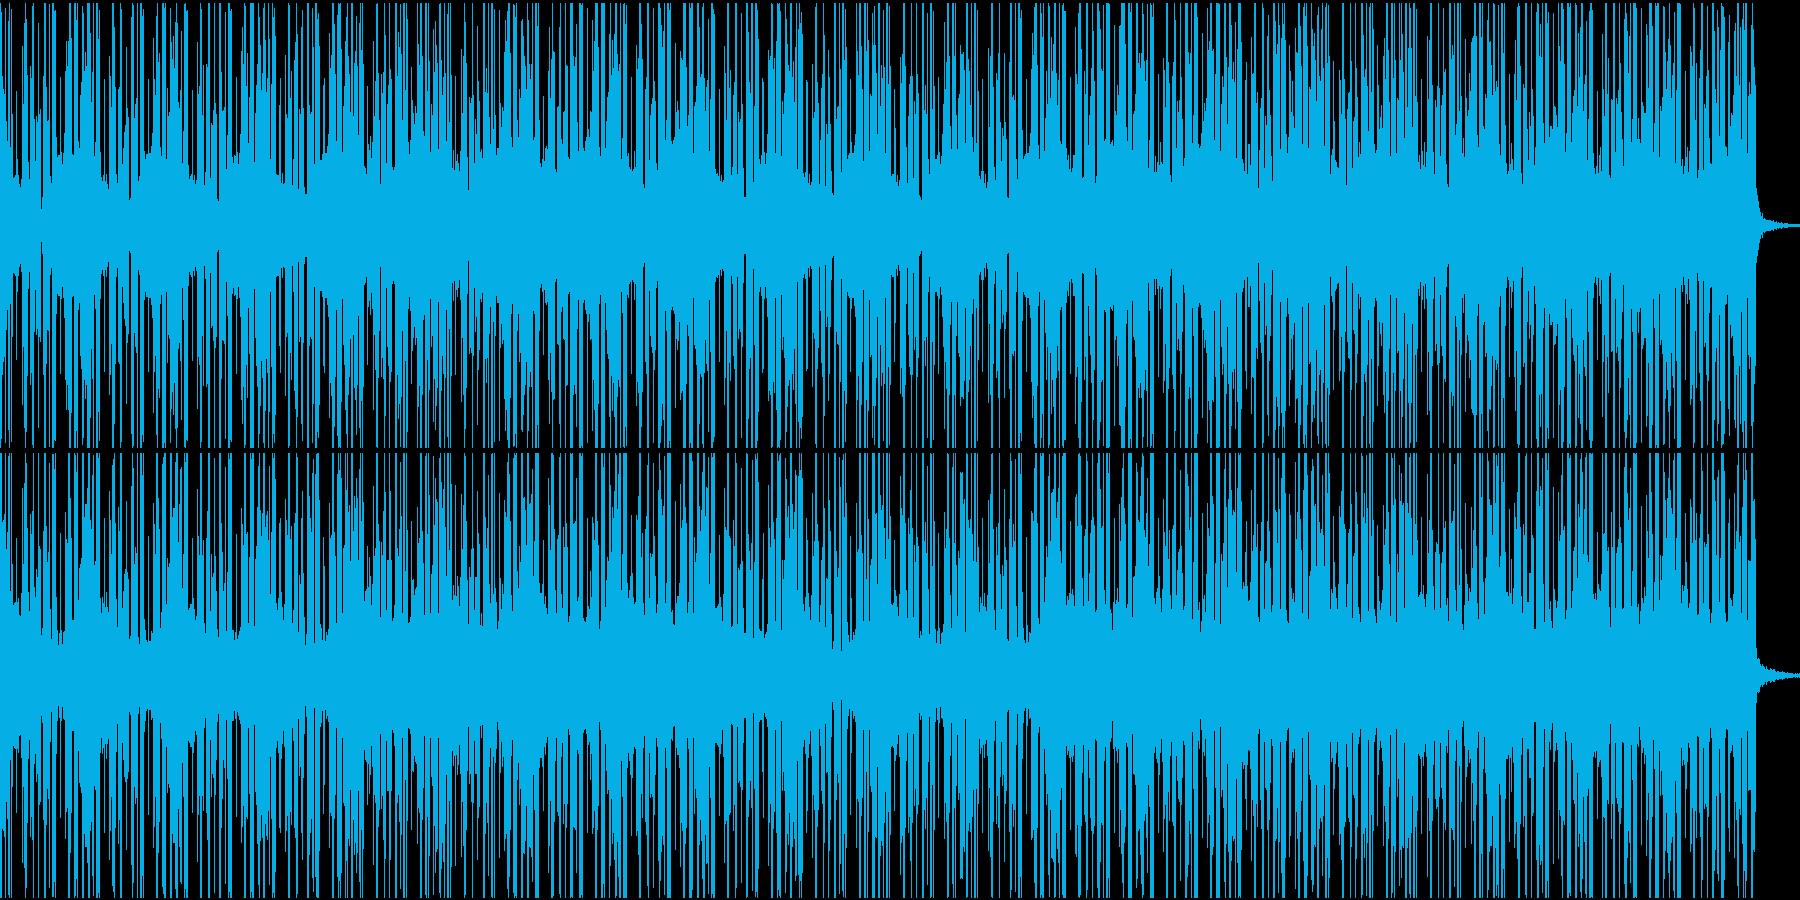 レトロな雰囲気のチルウェイブの再生済みの波形